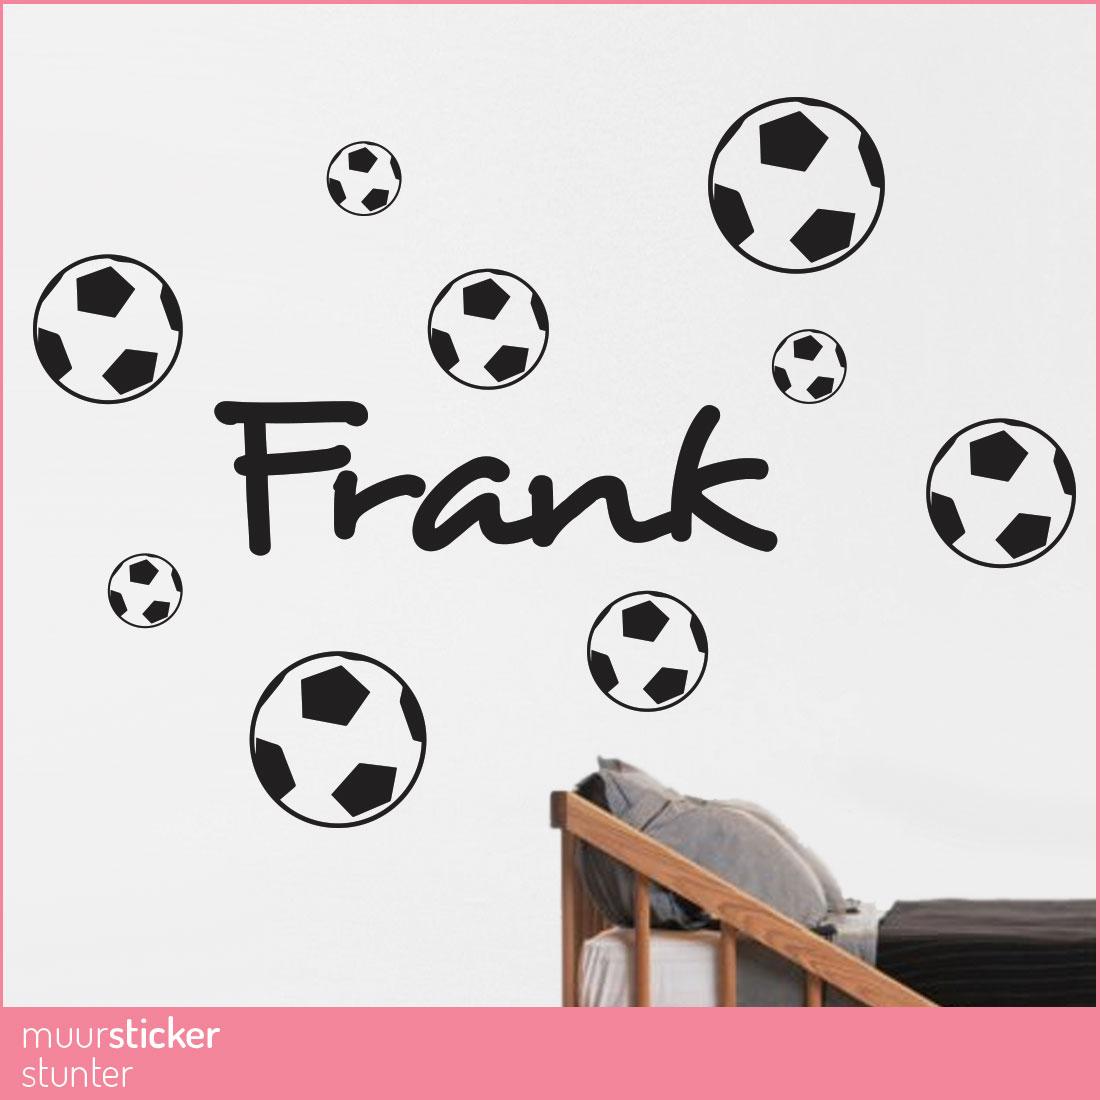 naam-muursticker-voetbal-stoer-kinderkamer-babykamer